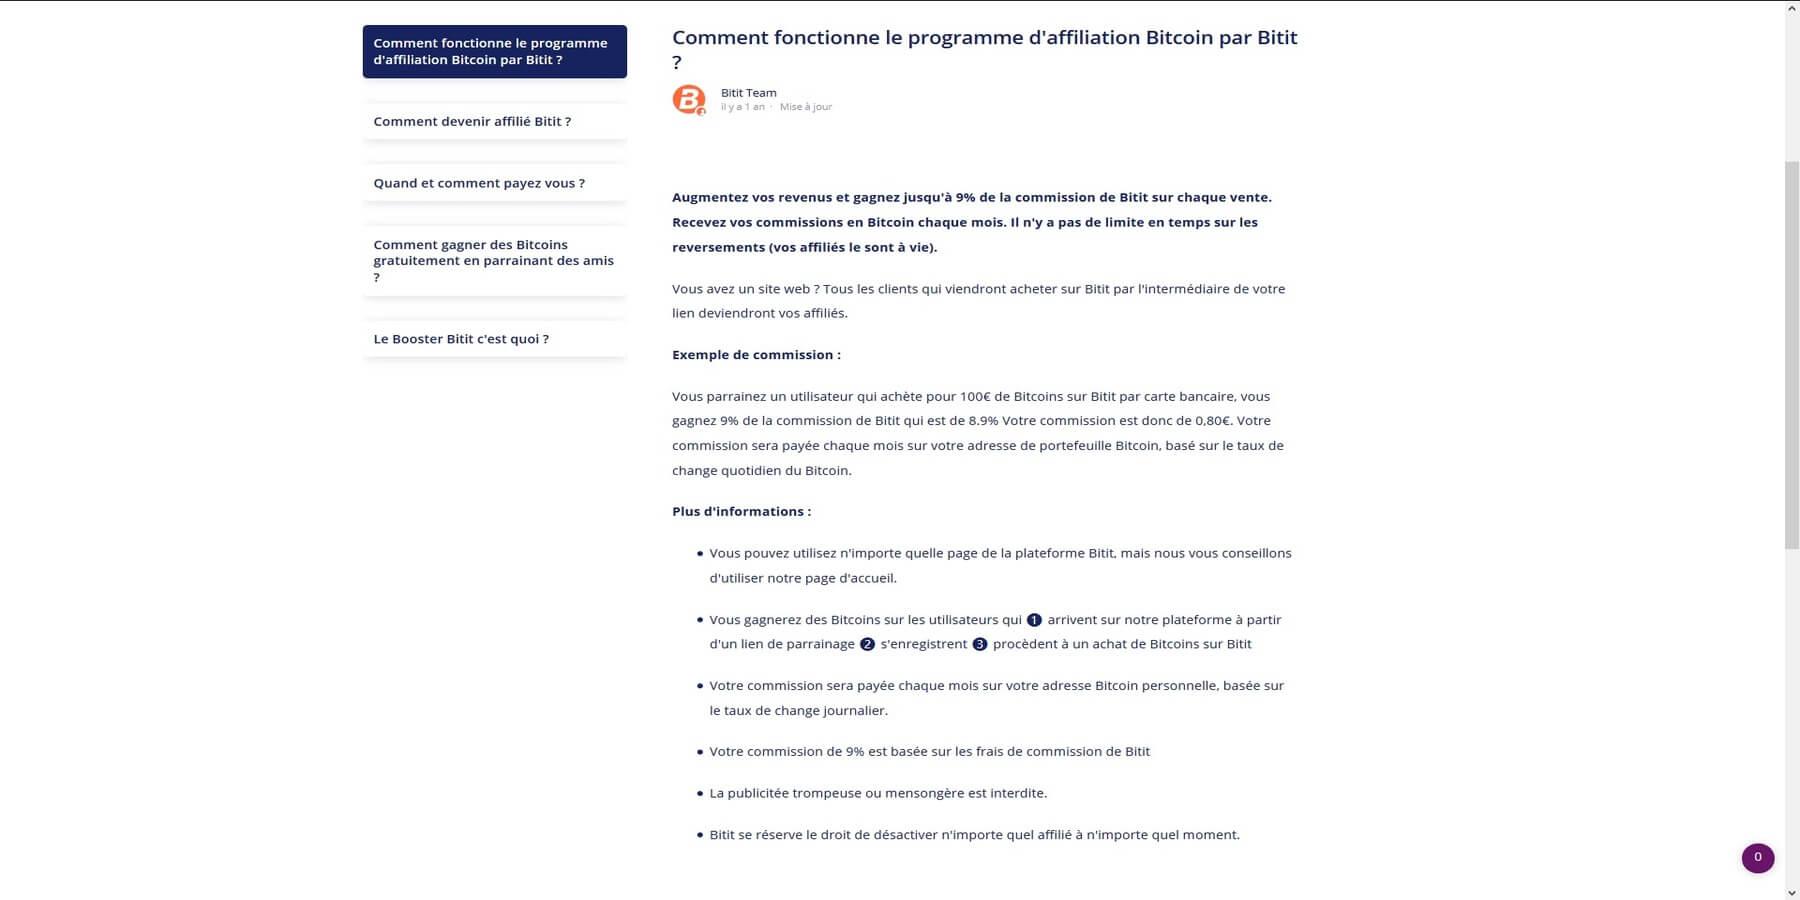 Programme d'affiliation Bitit